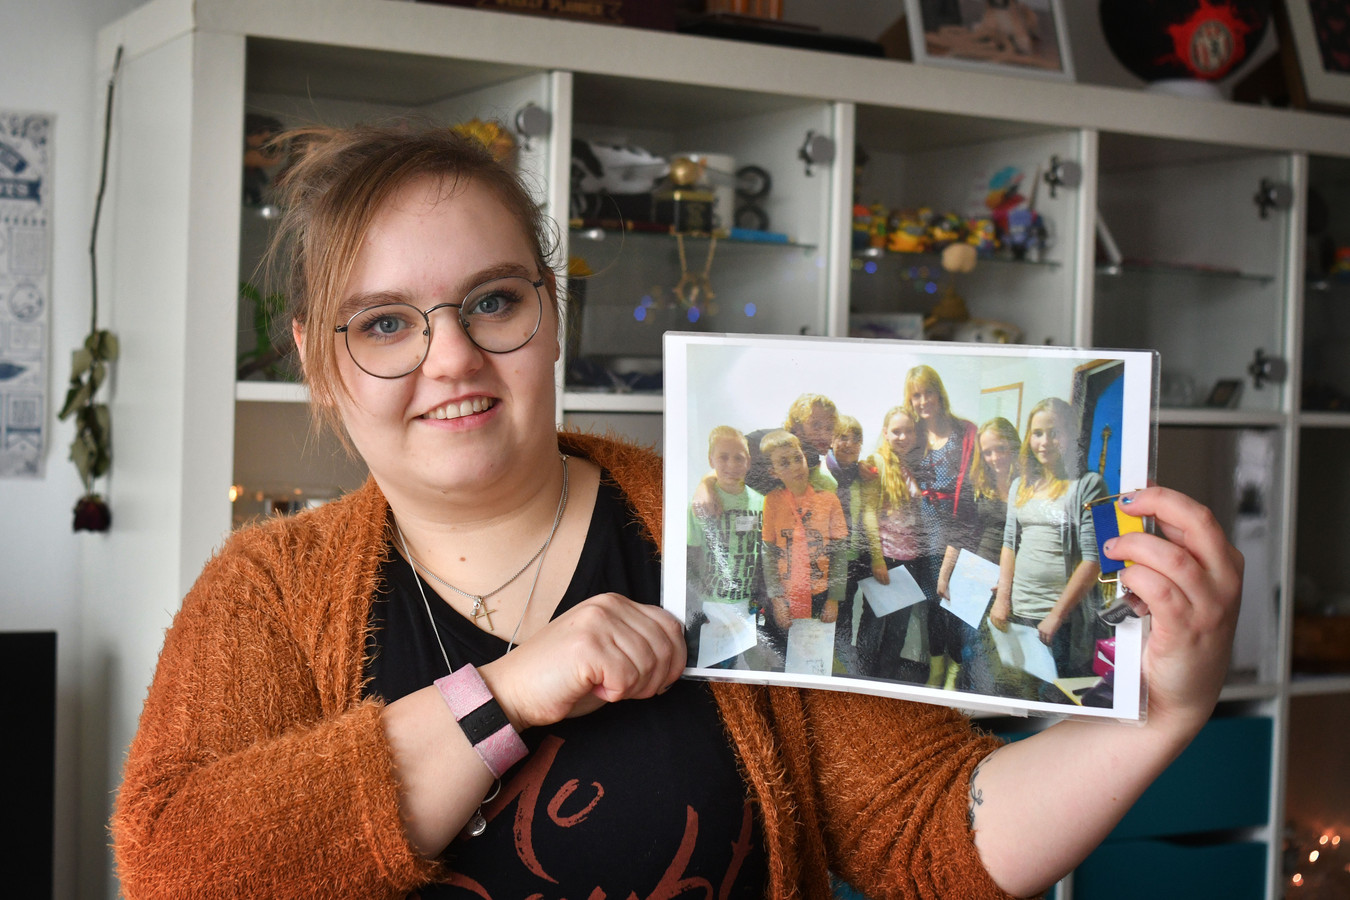 Daniëlle Peelen met het fotografisch bewijs dat ze echt in de BZT-show zat om haar vriendin te helpen.